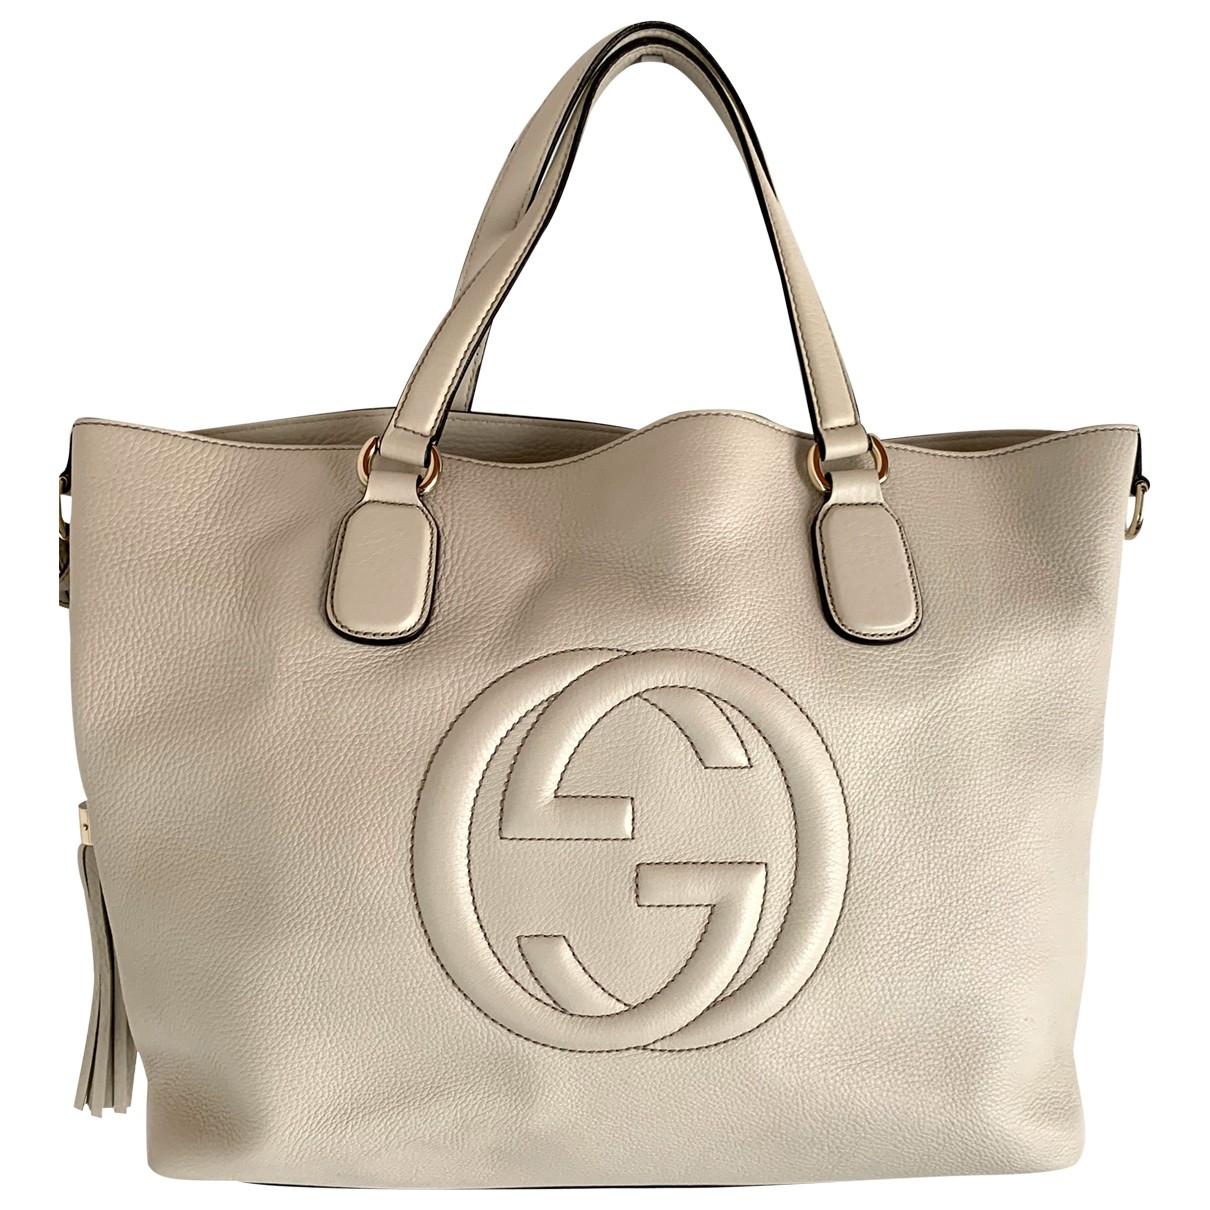 Gucci - Sac a main Soho pour femme en cuir - blanc